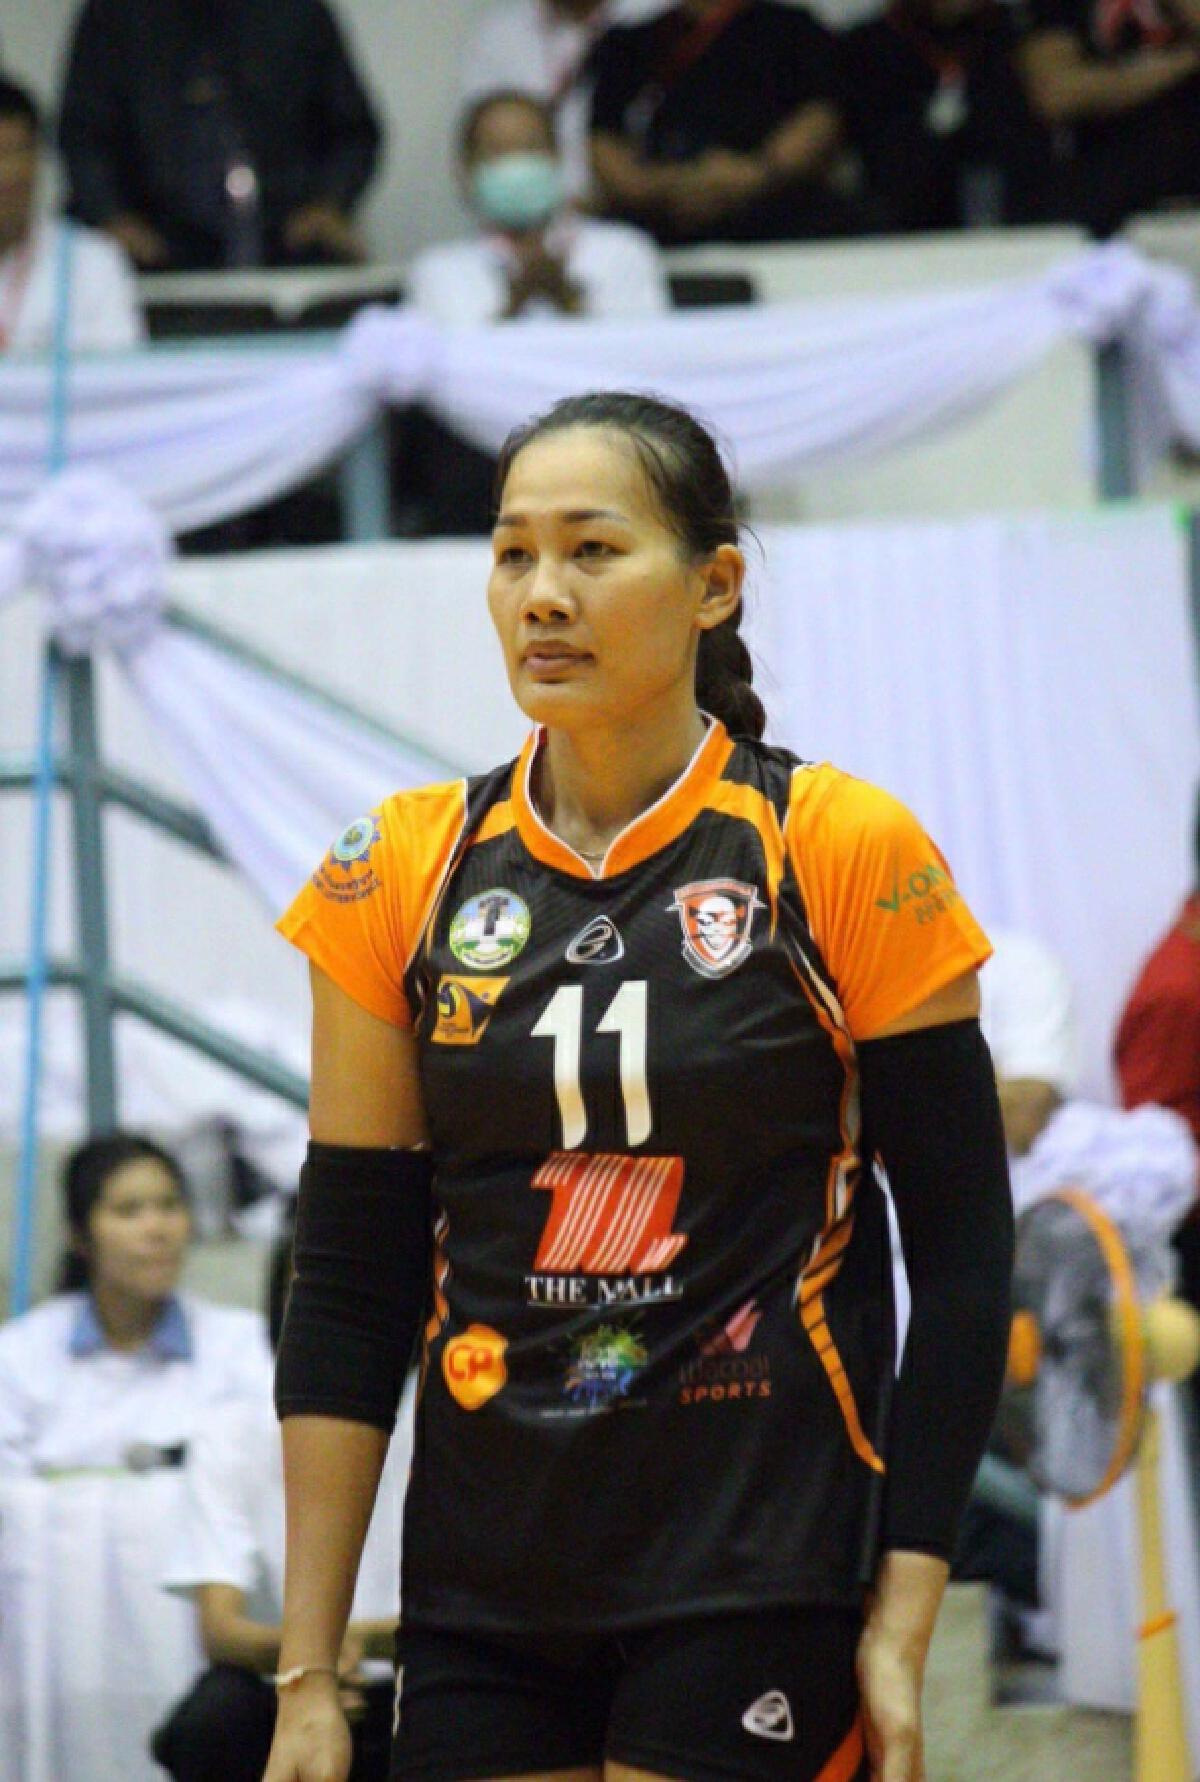 นักวอลเลย์บอลทีมชาติไทย อำพร หญ้าผา ไม่ได้บรรจุการไฟฟ้า